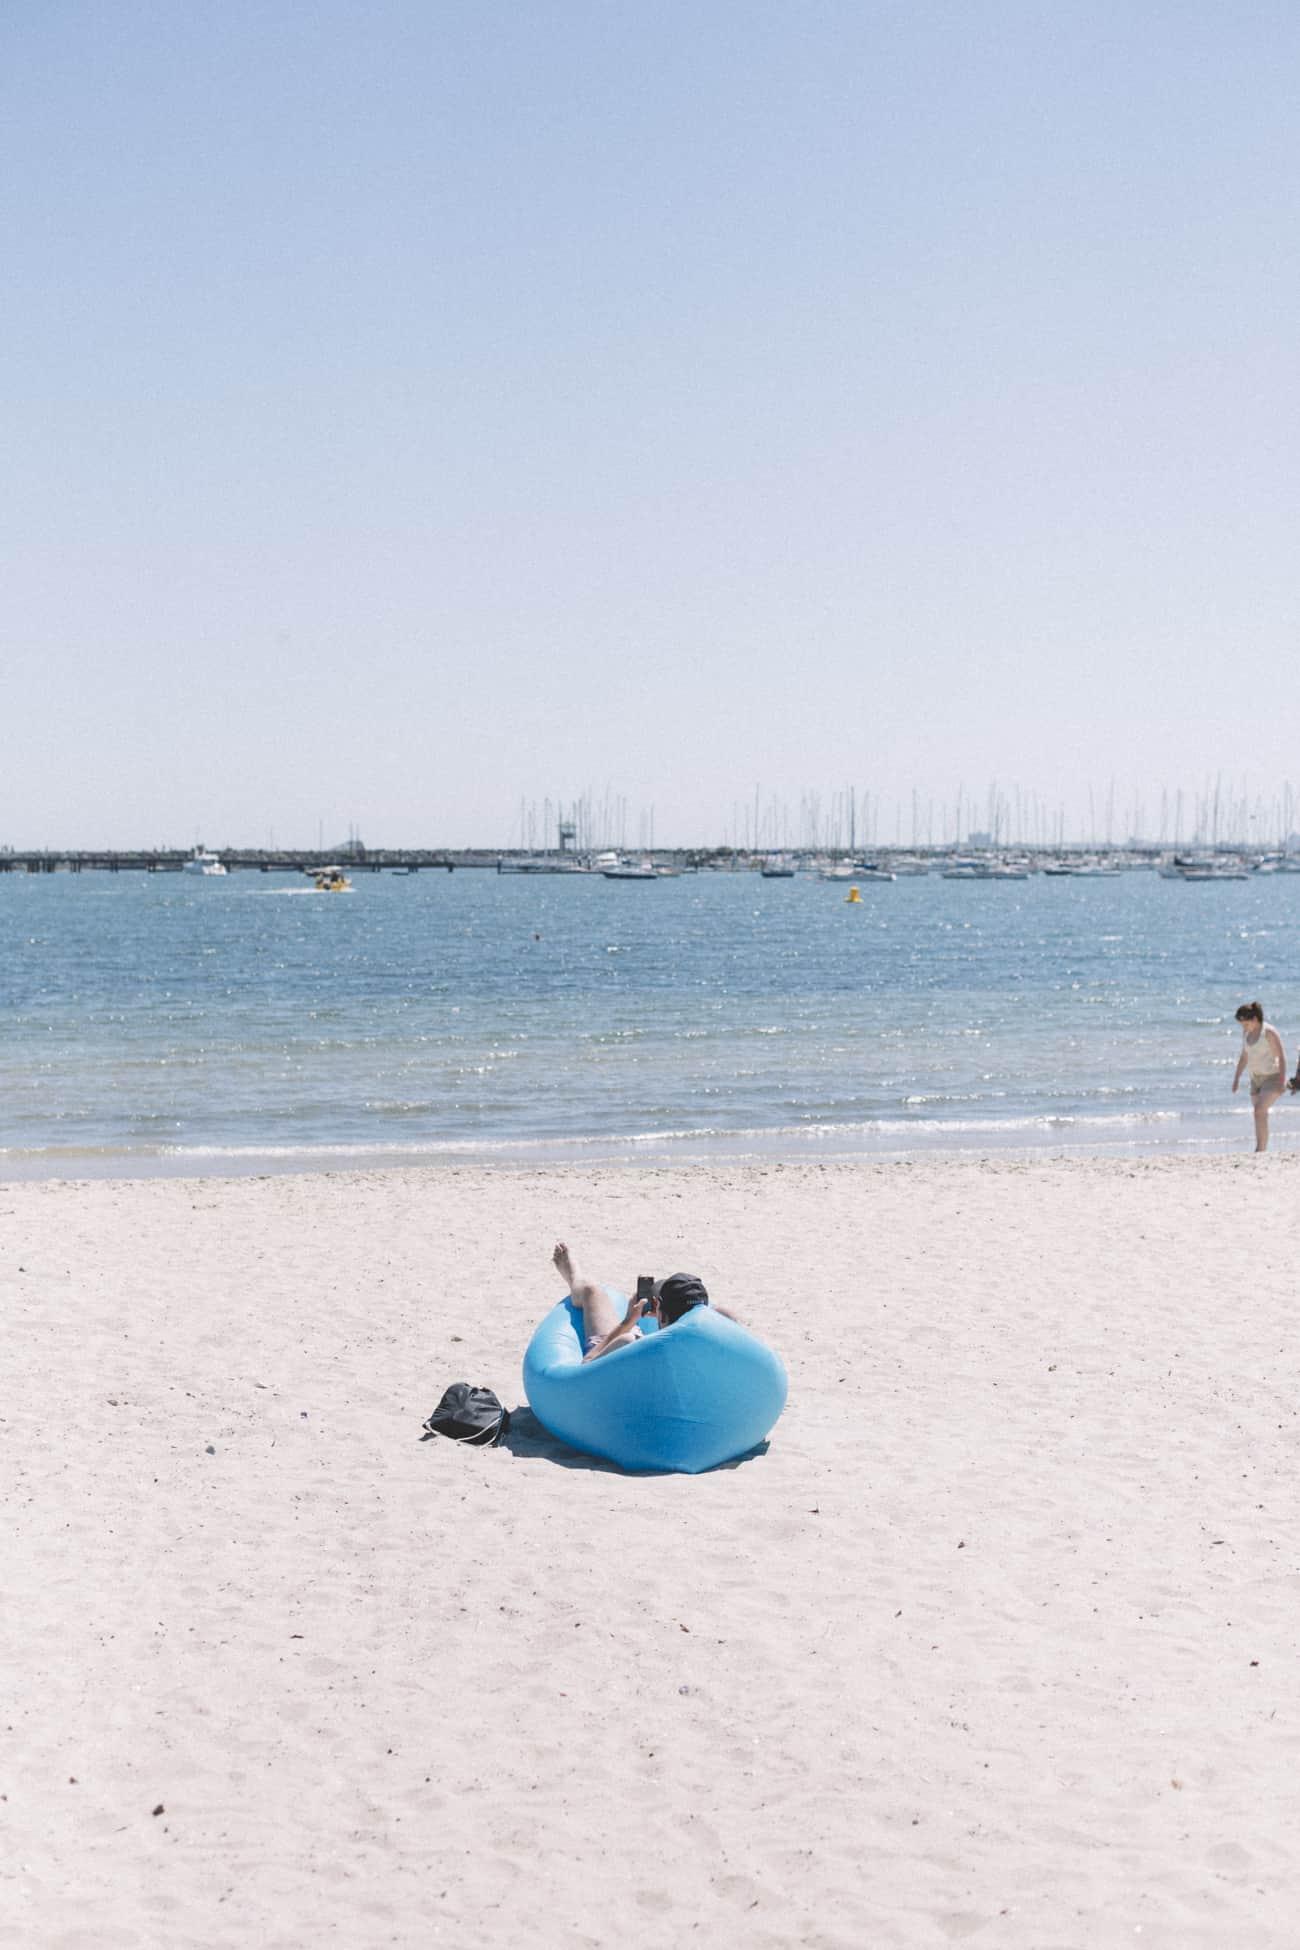 Kinlake-Melbourne-Australia-City-Lifestyle-2-8101